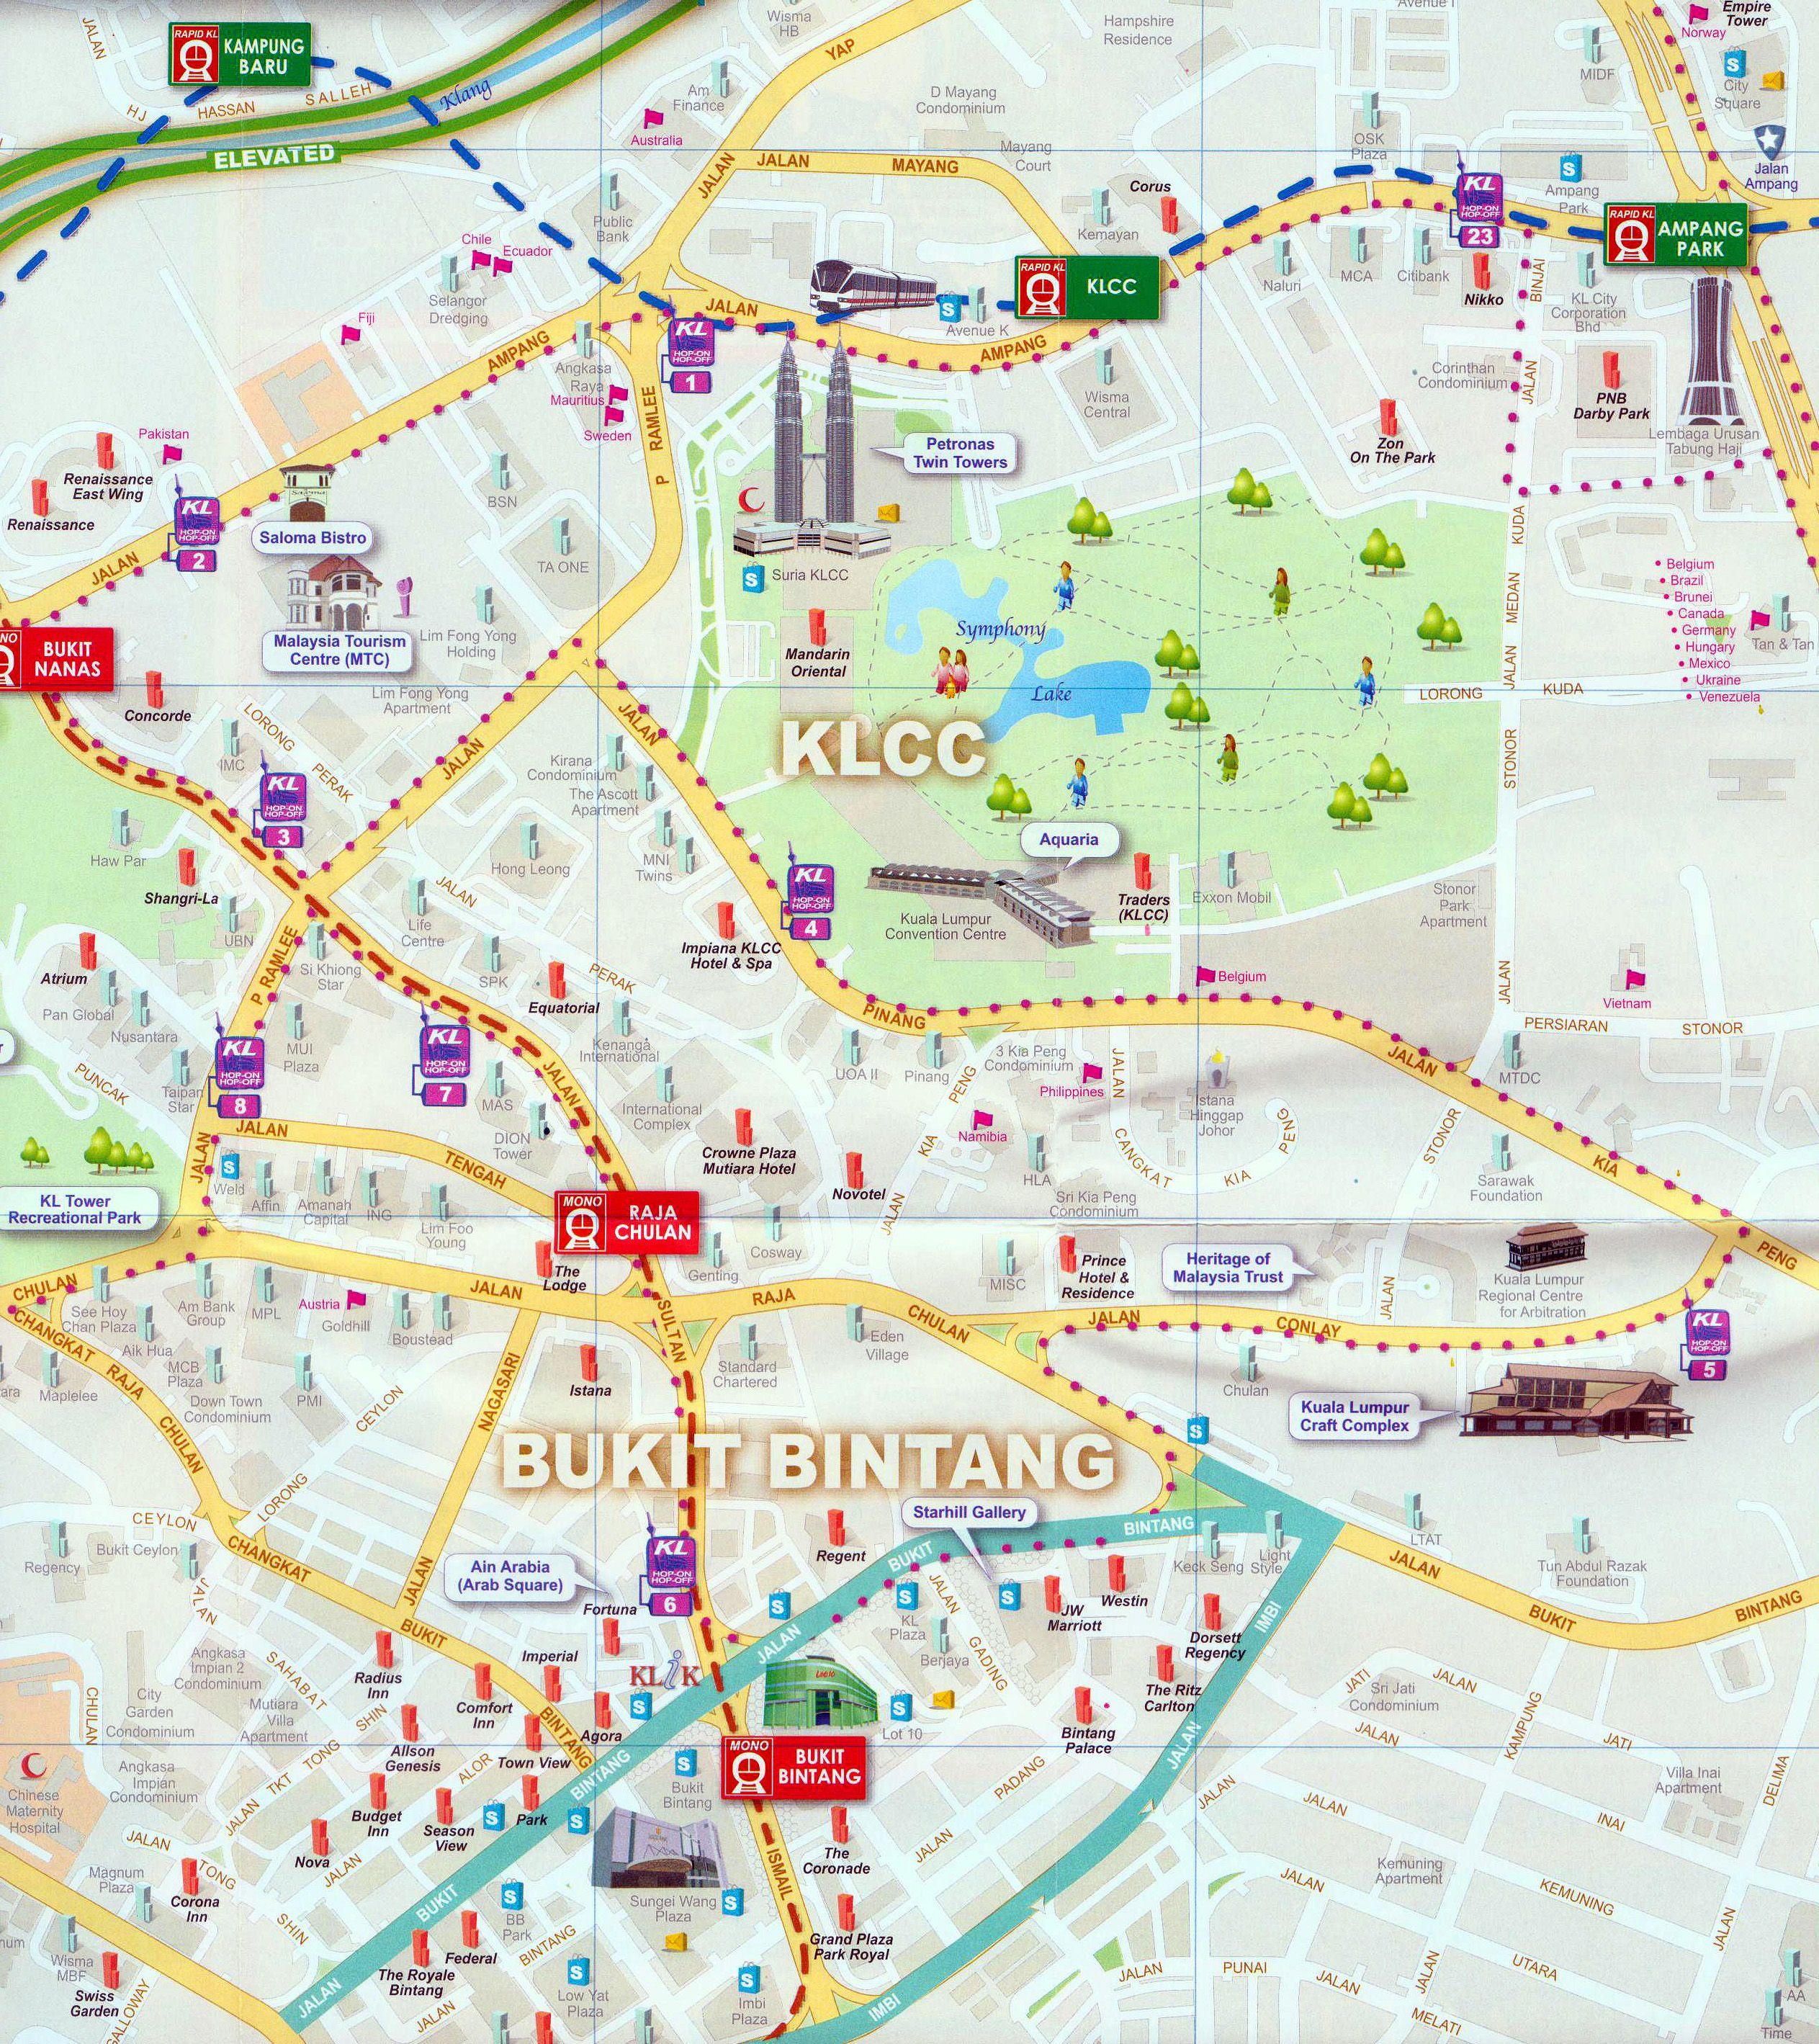 Road Maps Kuala Lumpur Askcom Image Search Proyek untuk Dicoba